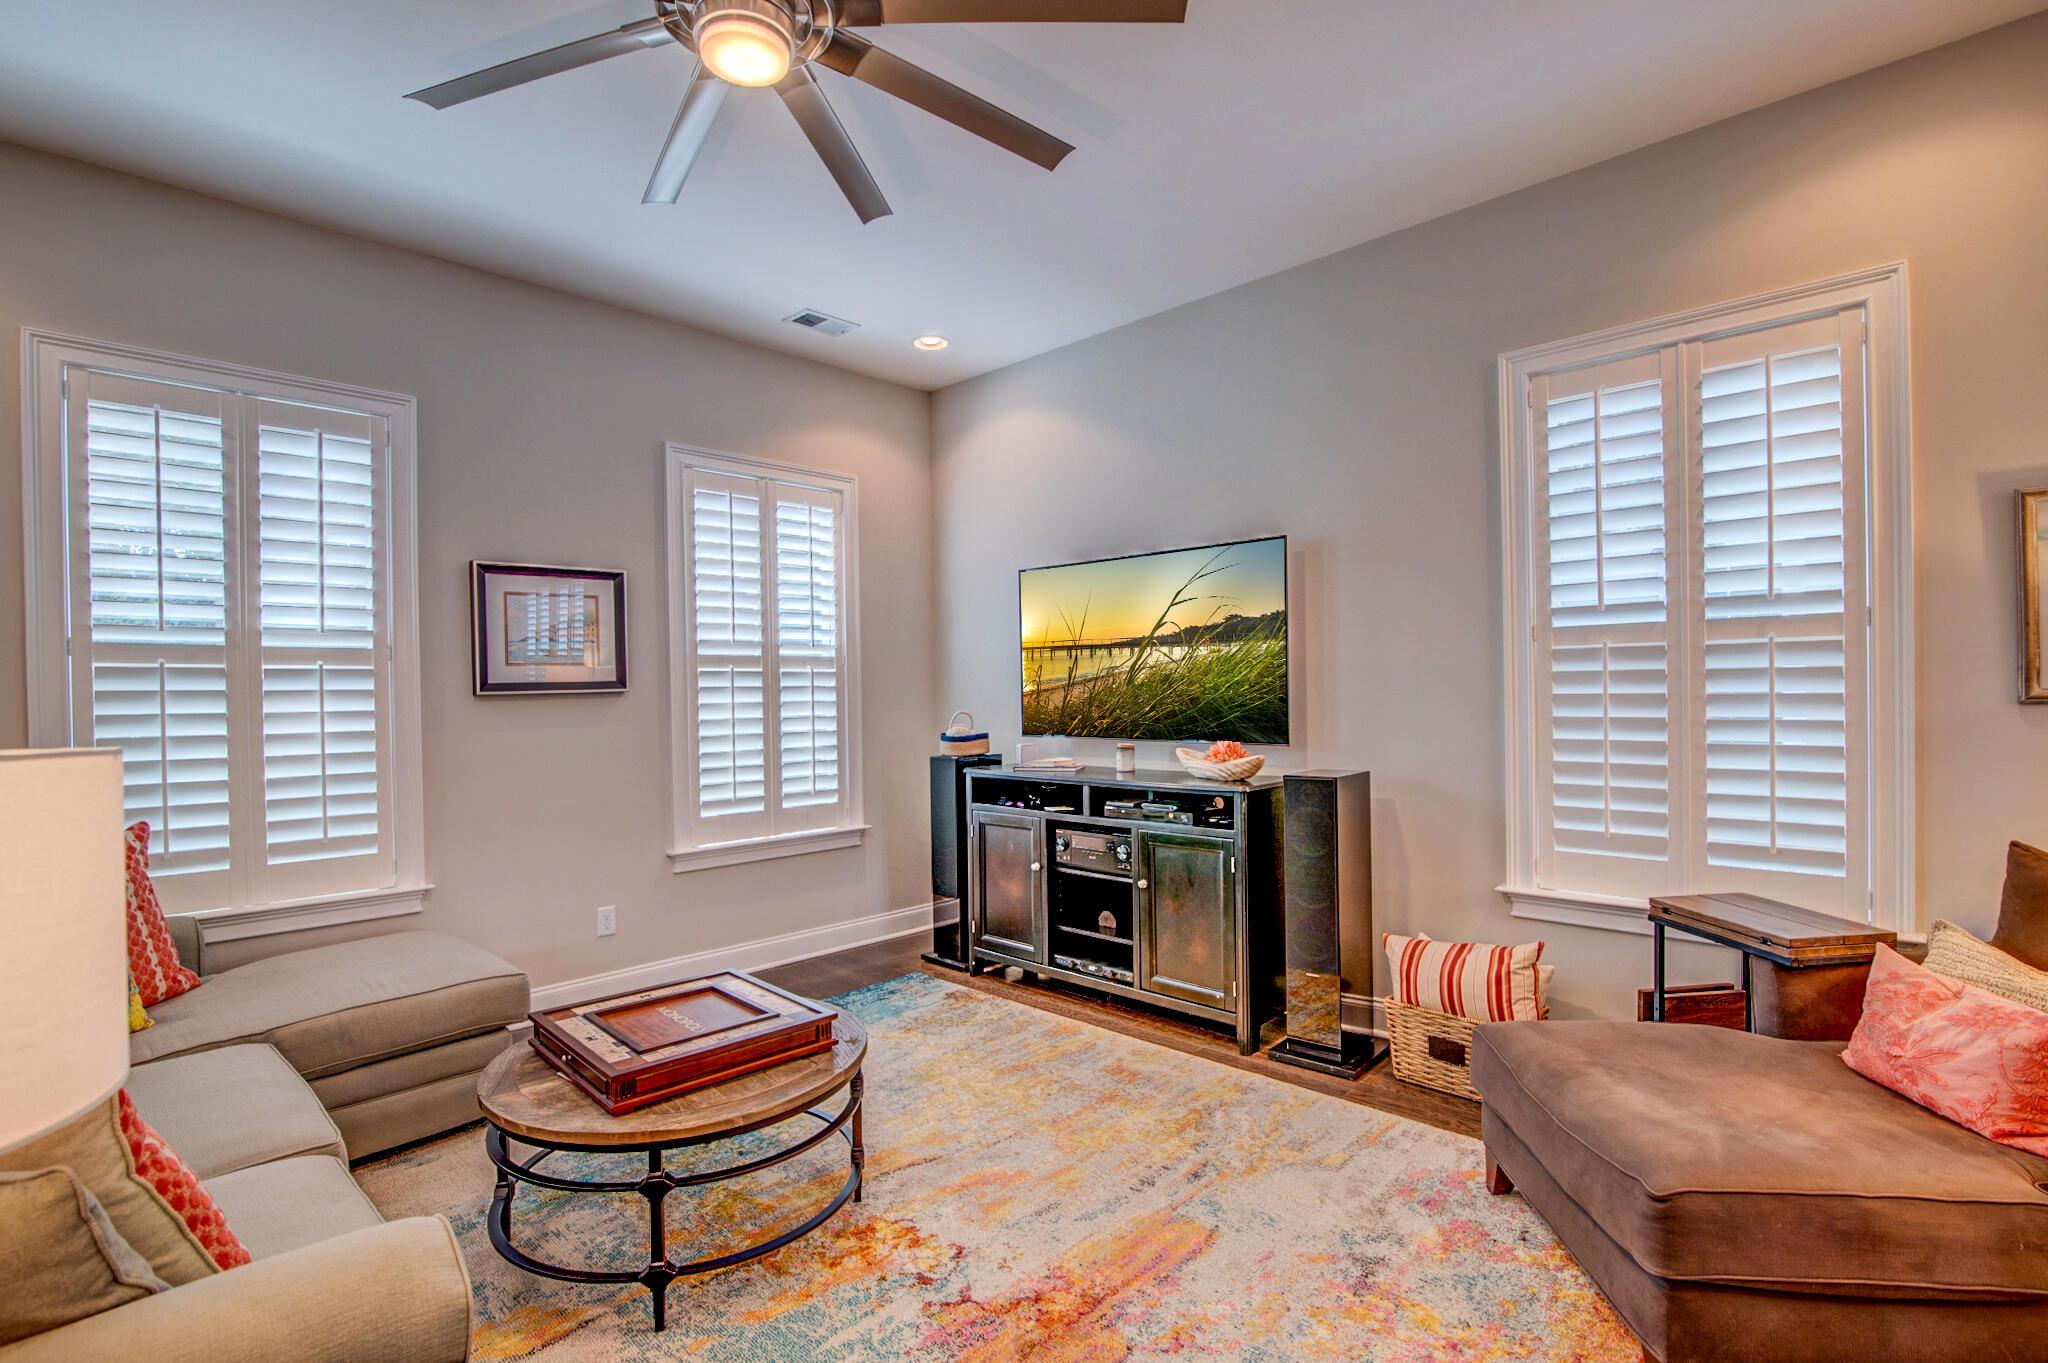 Whitesides Park Homes For Sale - 1102 Alagash Way, Mount Pleasant, SC - 26